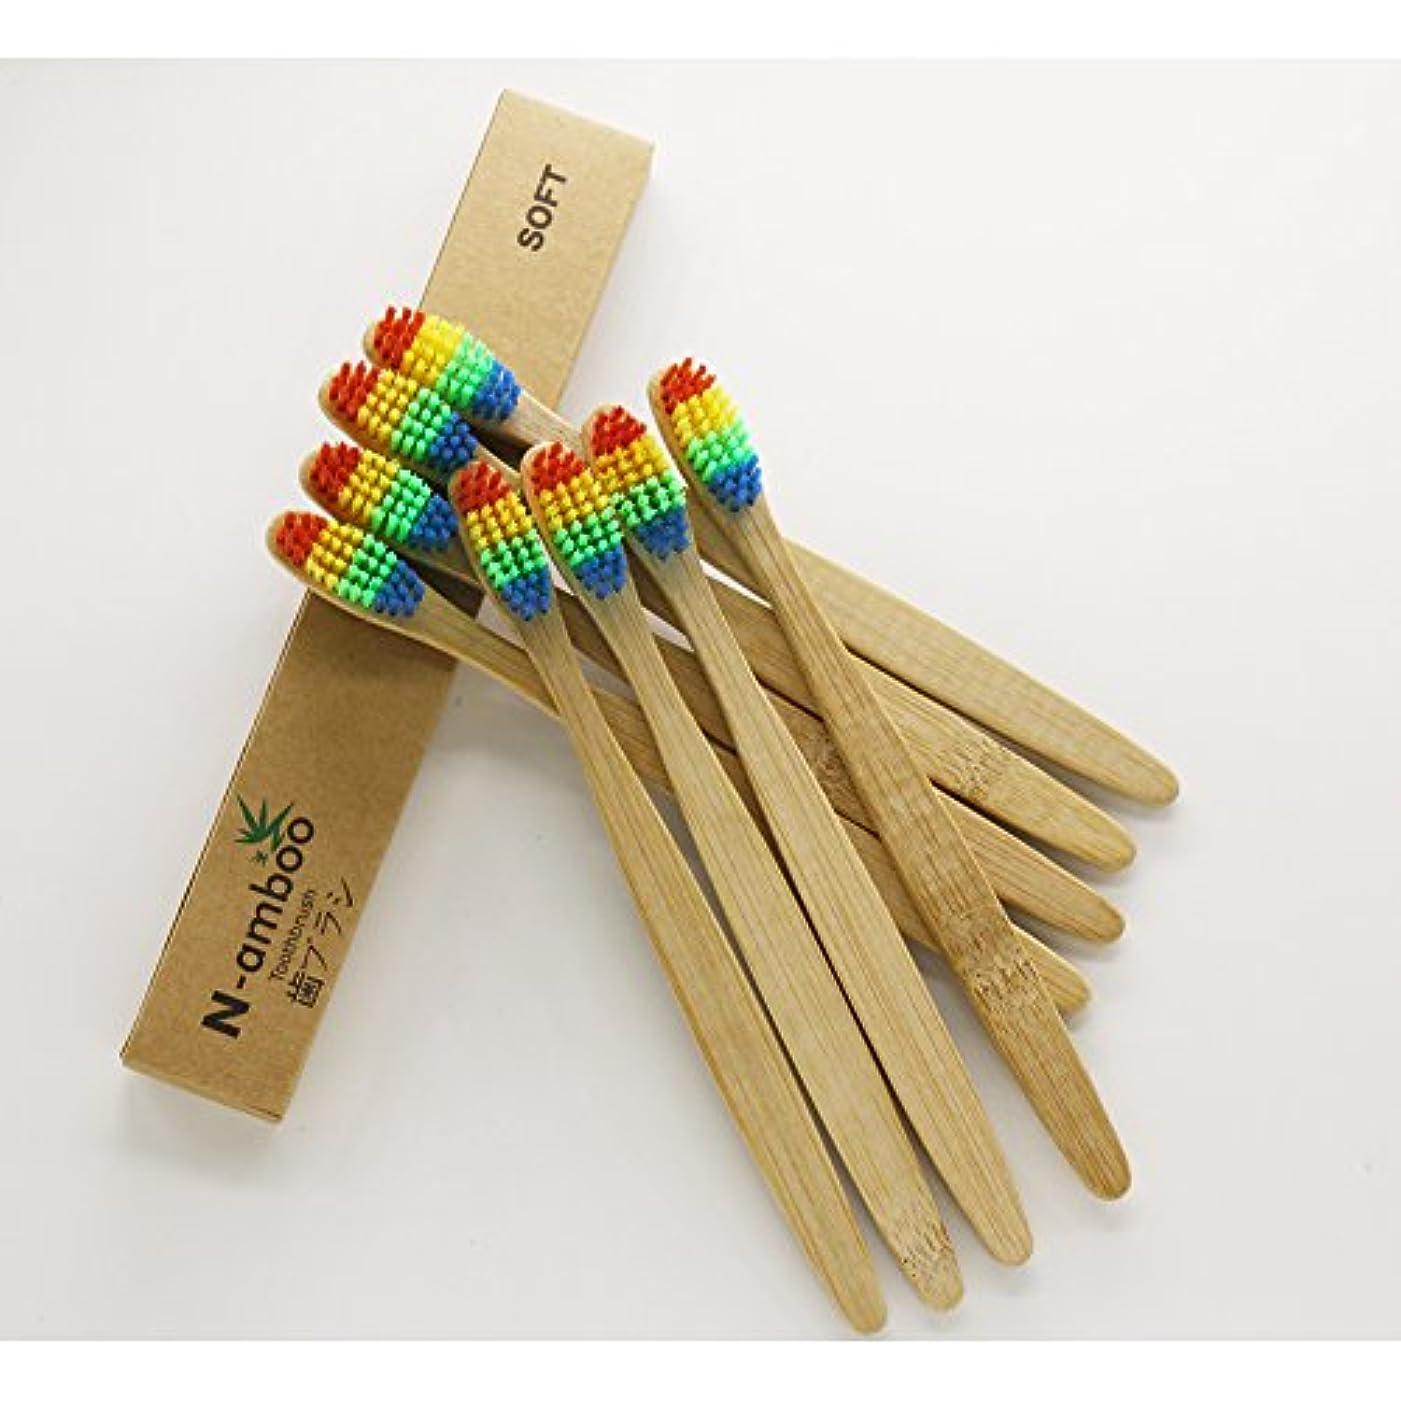 尊敬する事務所プラカードN-amboo 竹製 耐久度高い 歯ブラシ 四色 虹(にじ) 8本入り ファミリー セット